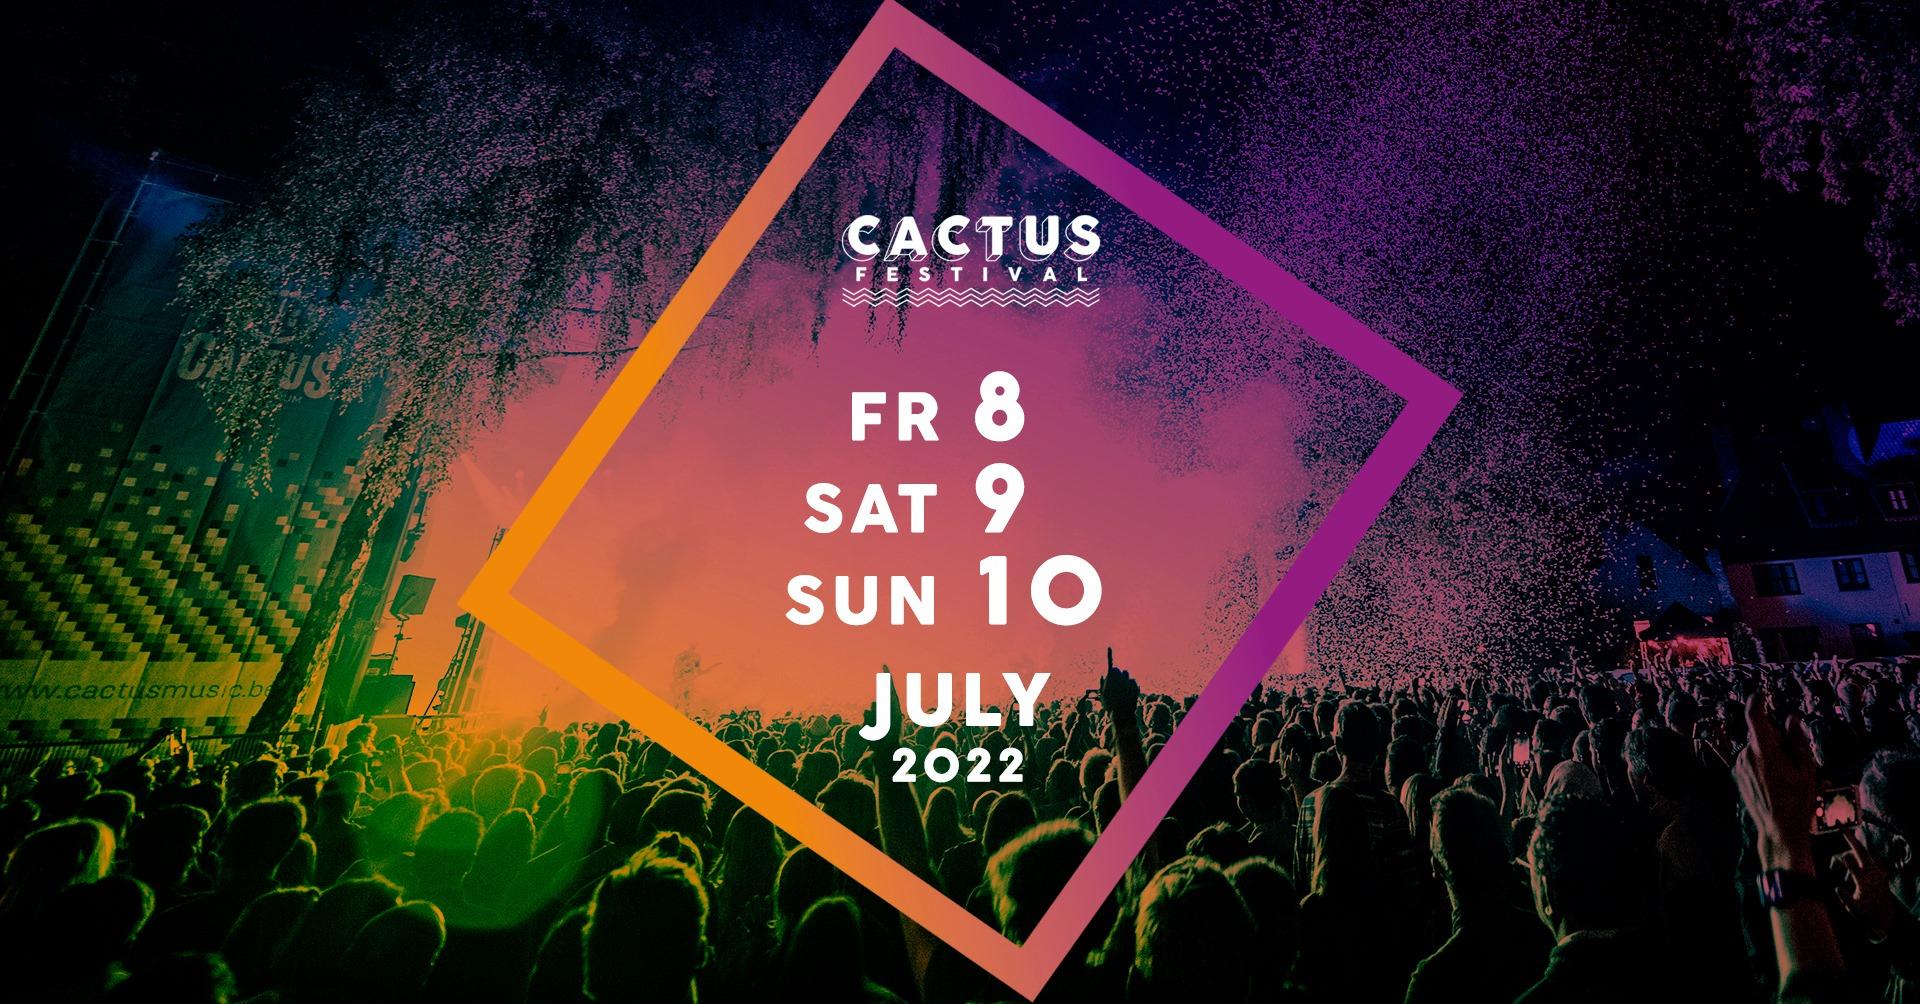 Cactus Festival Belgium July 2022